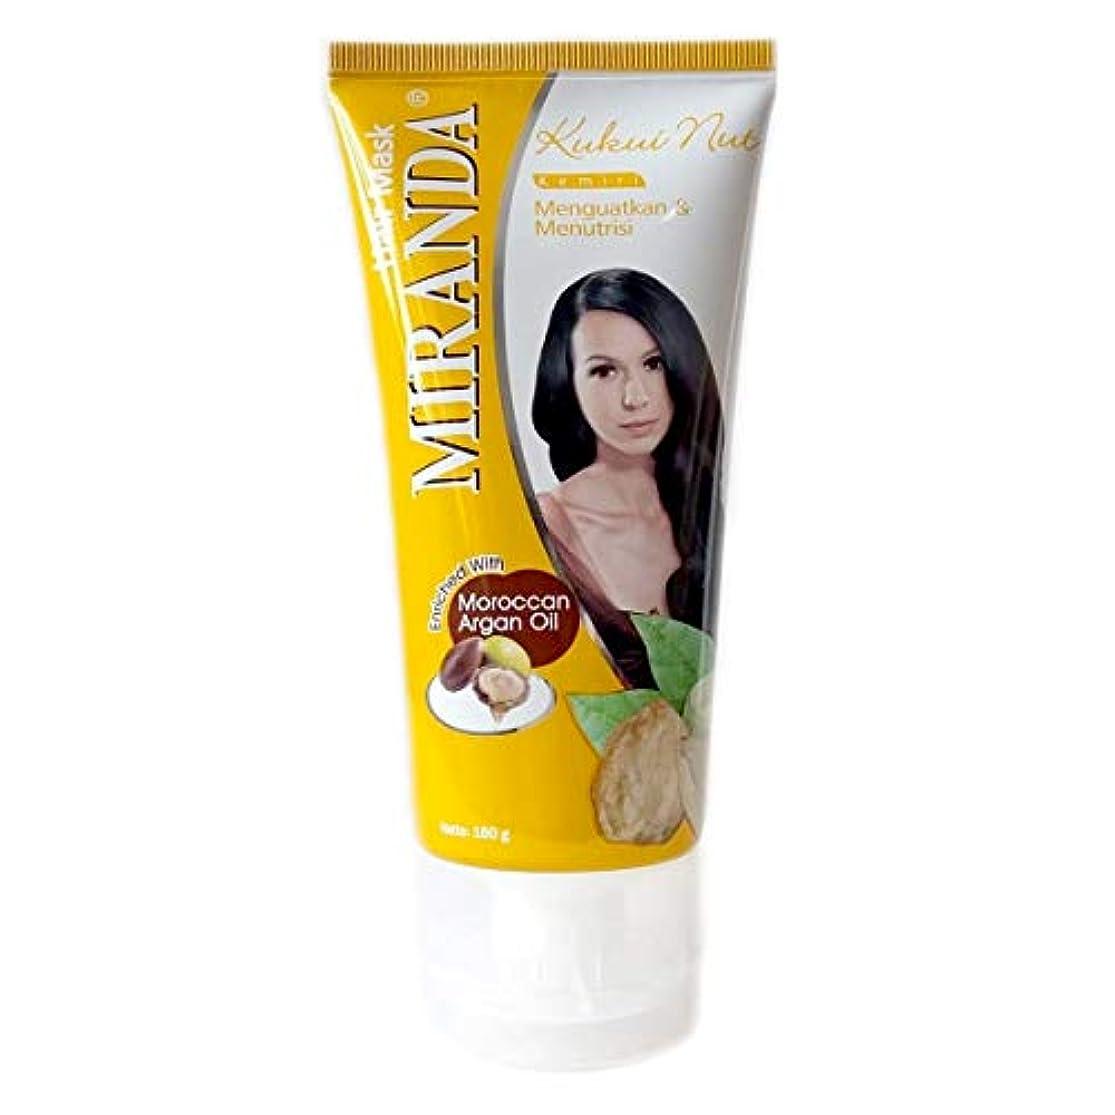 作動する囚人免疫MIRANDA ミランダ Hair Mask ヘアマスク モロッカンアルガンオイル主成分のヘアトリートメント 160g Kukui nut クミリ [海外直送品]